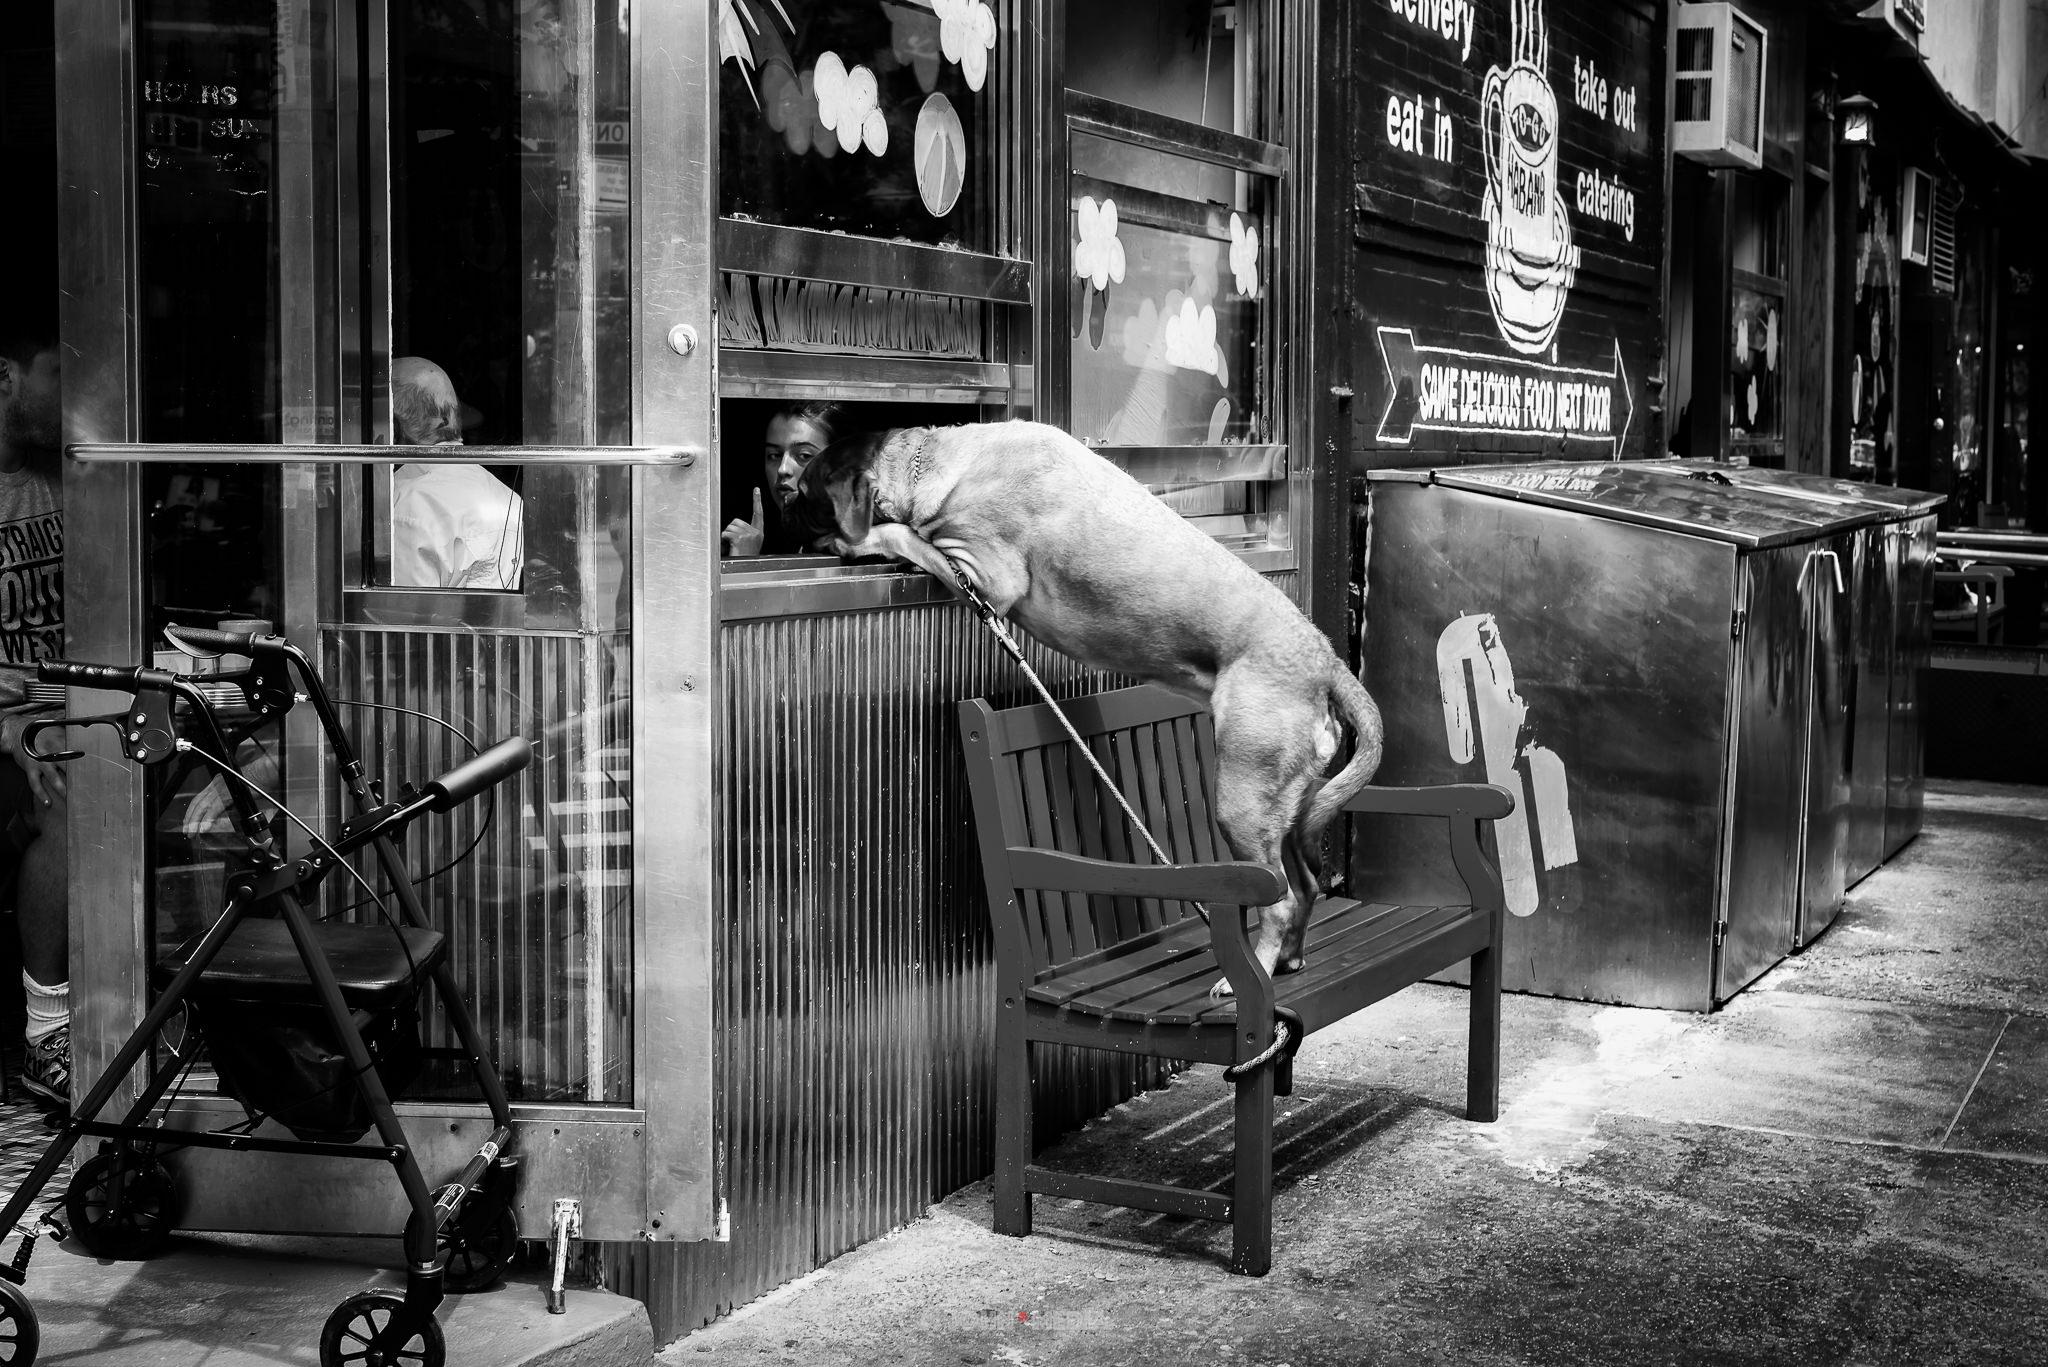 Manhattan Soho - do not feed the dog